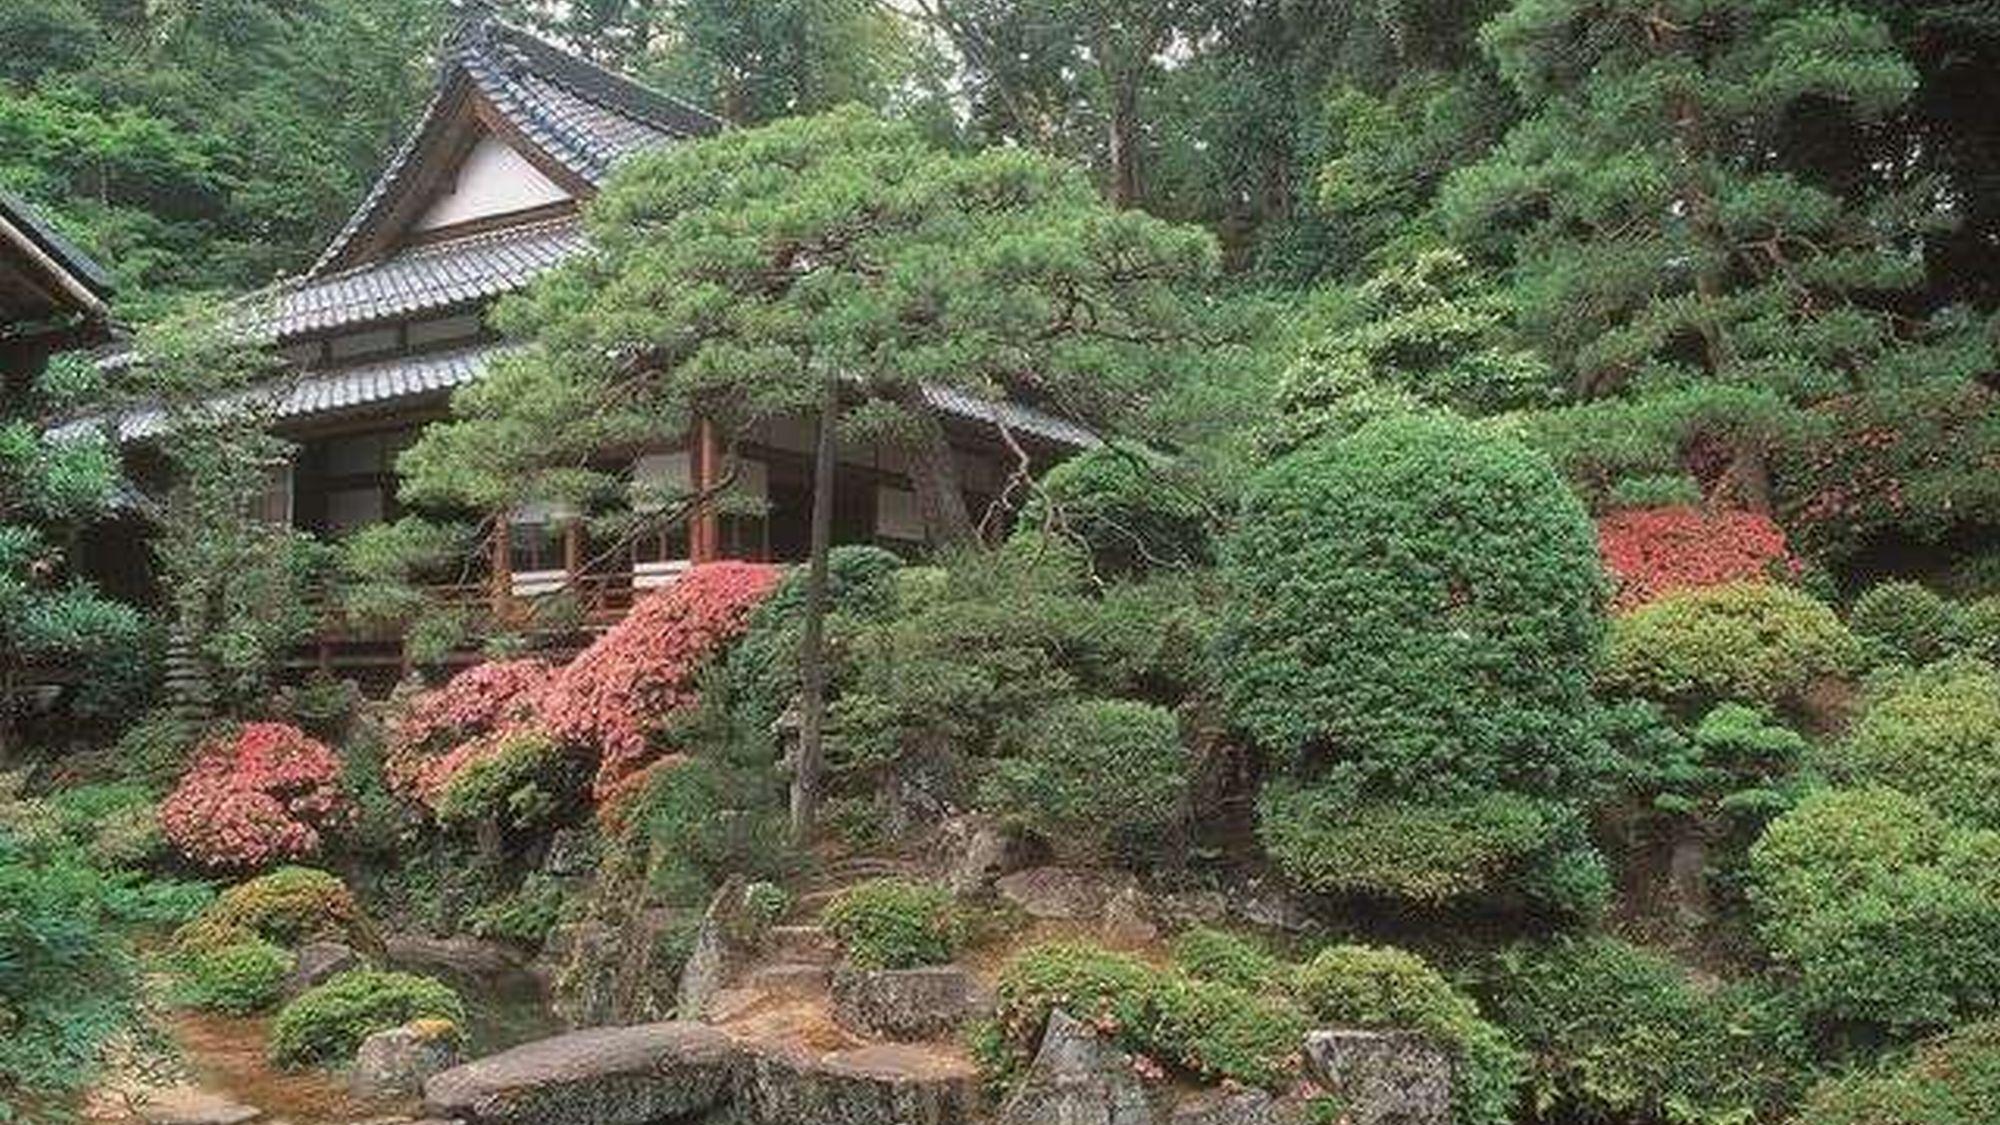 【瀧谷寺】 ※山水庭園は、いつまで見ていても飽きない美しさです。